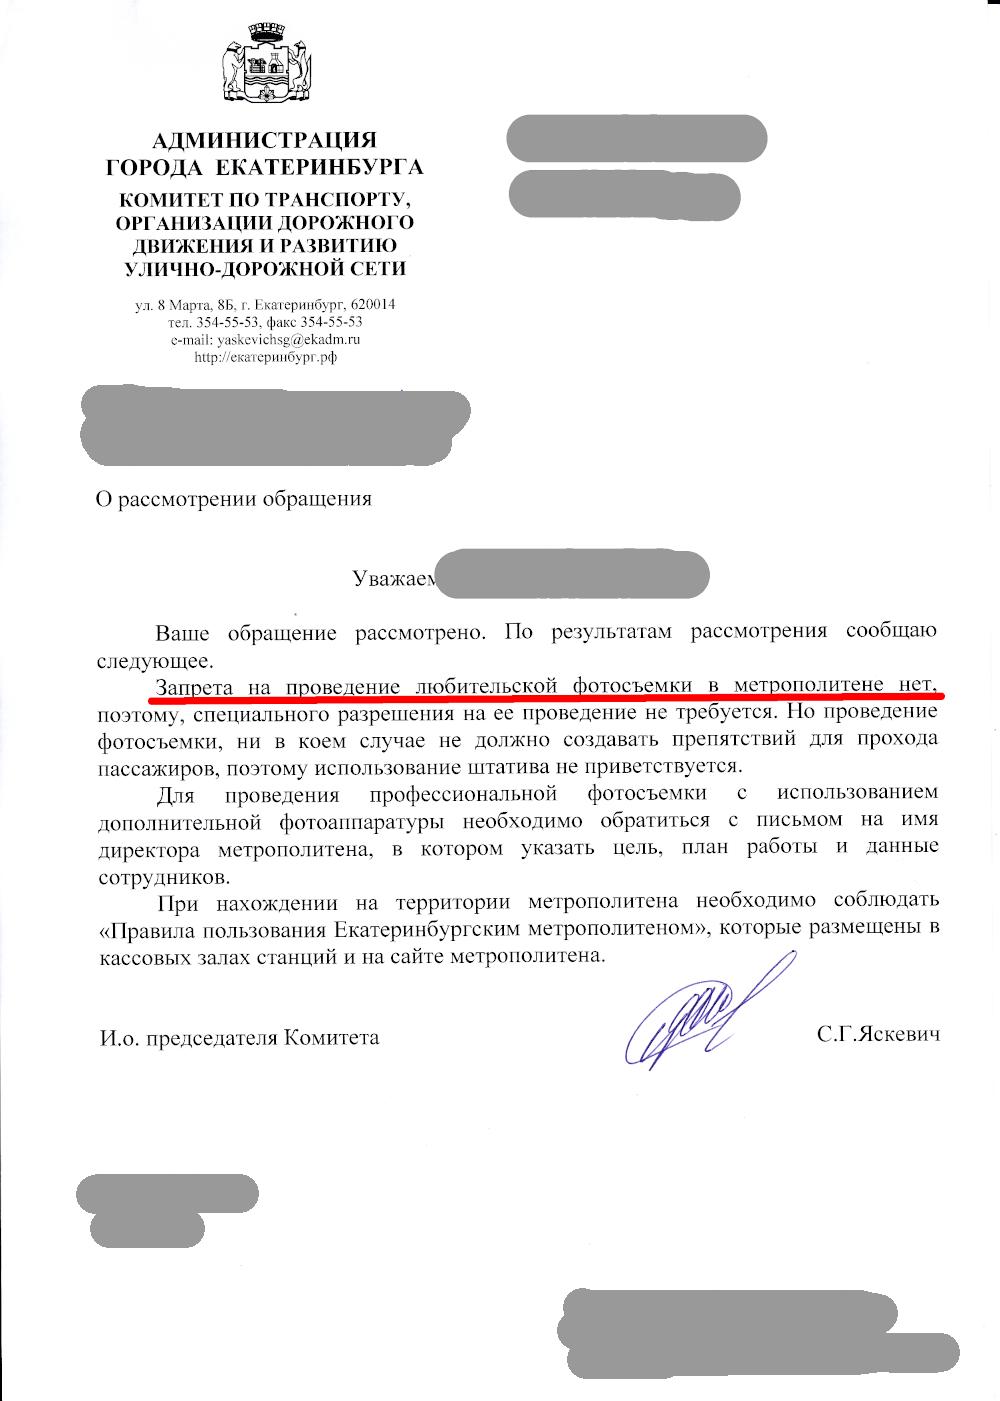 Официальный ответ по екатеринбургскому метро: запрета на проведение любительской фотосъёмки здесь также нет.